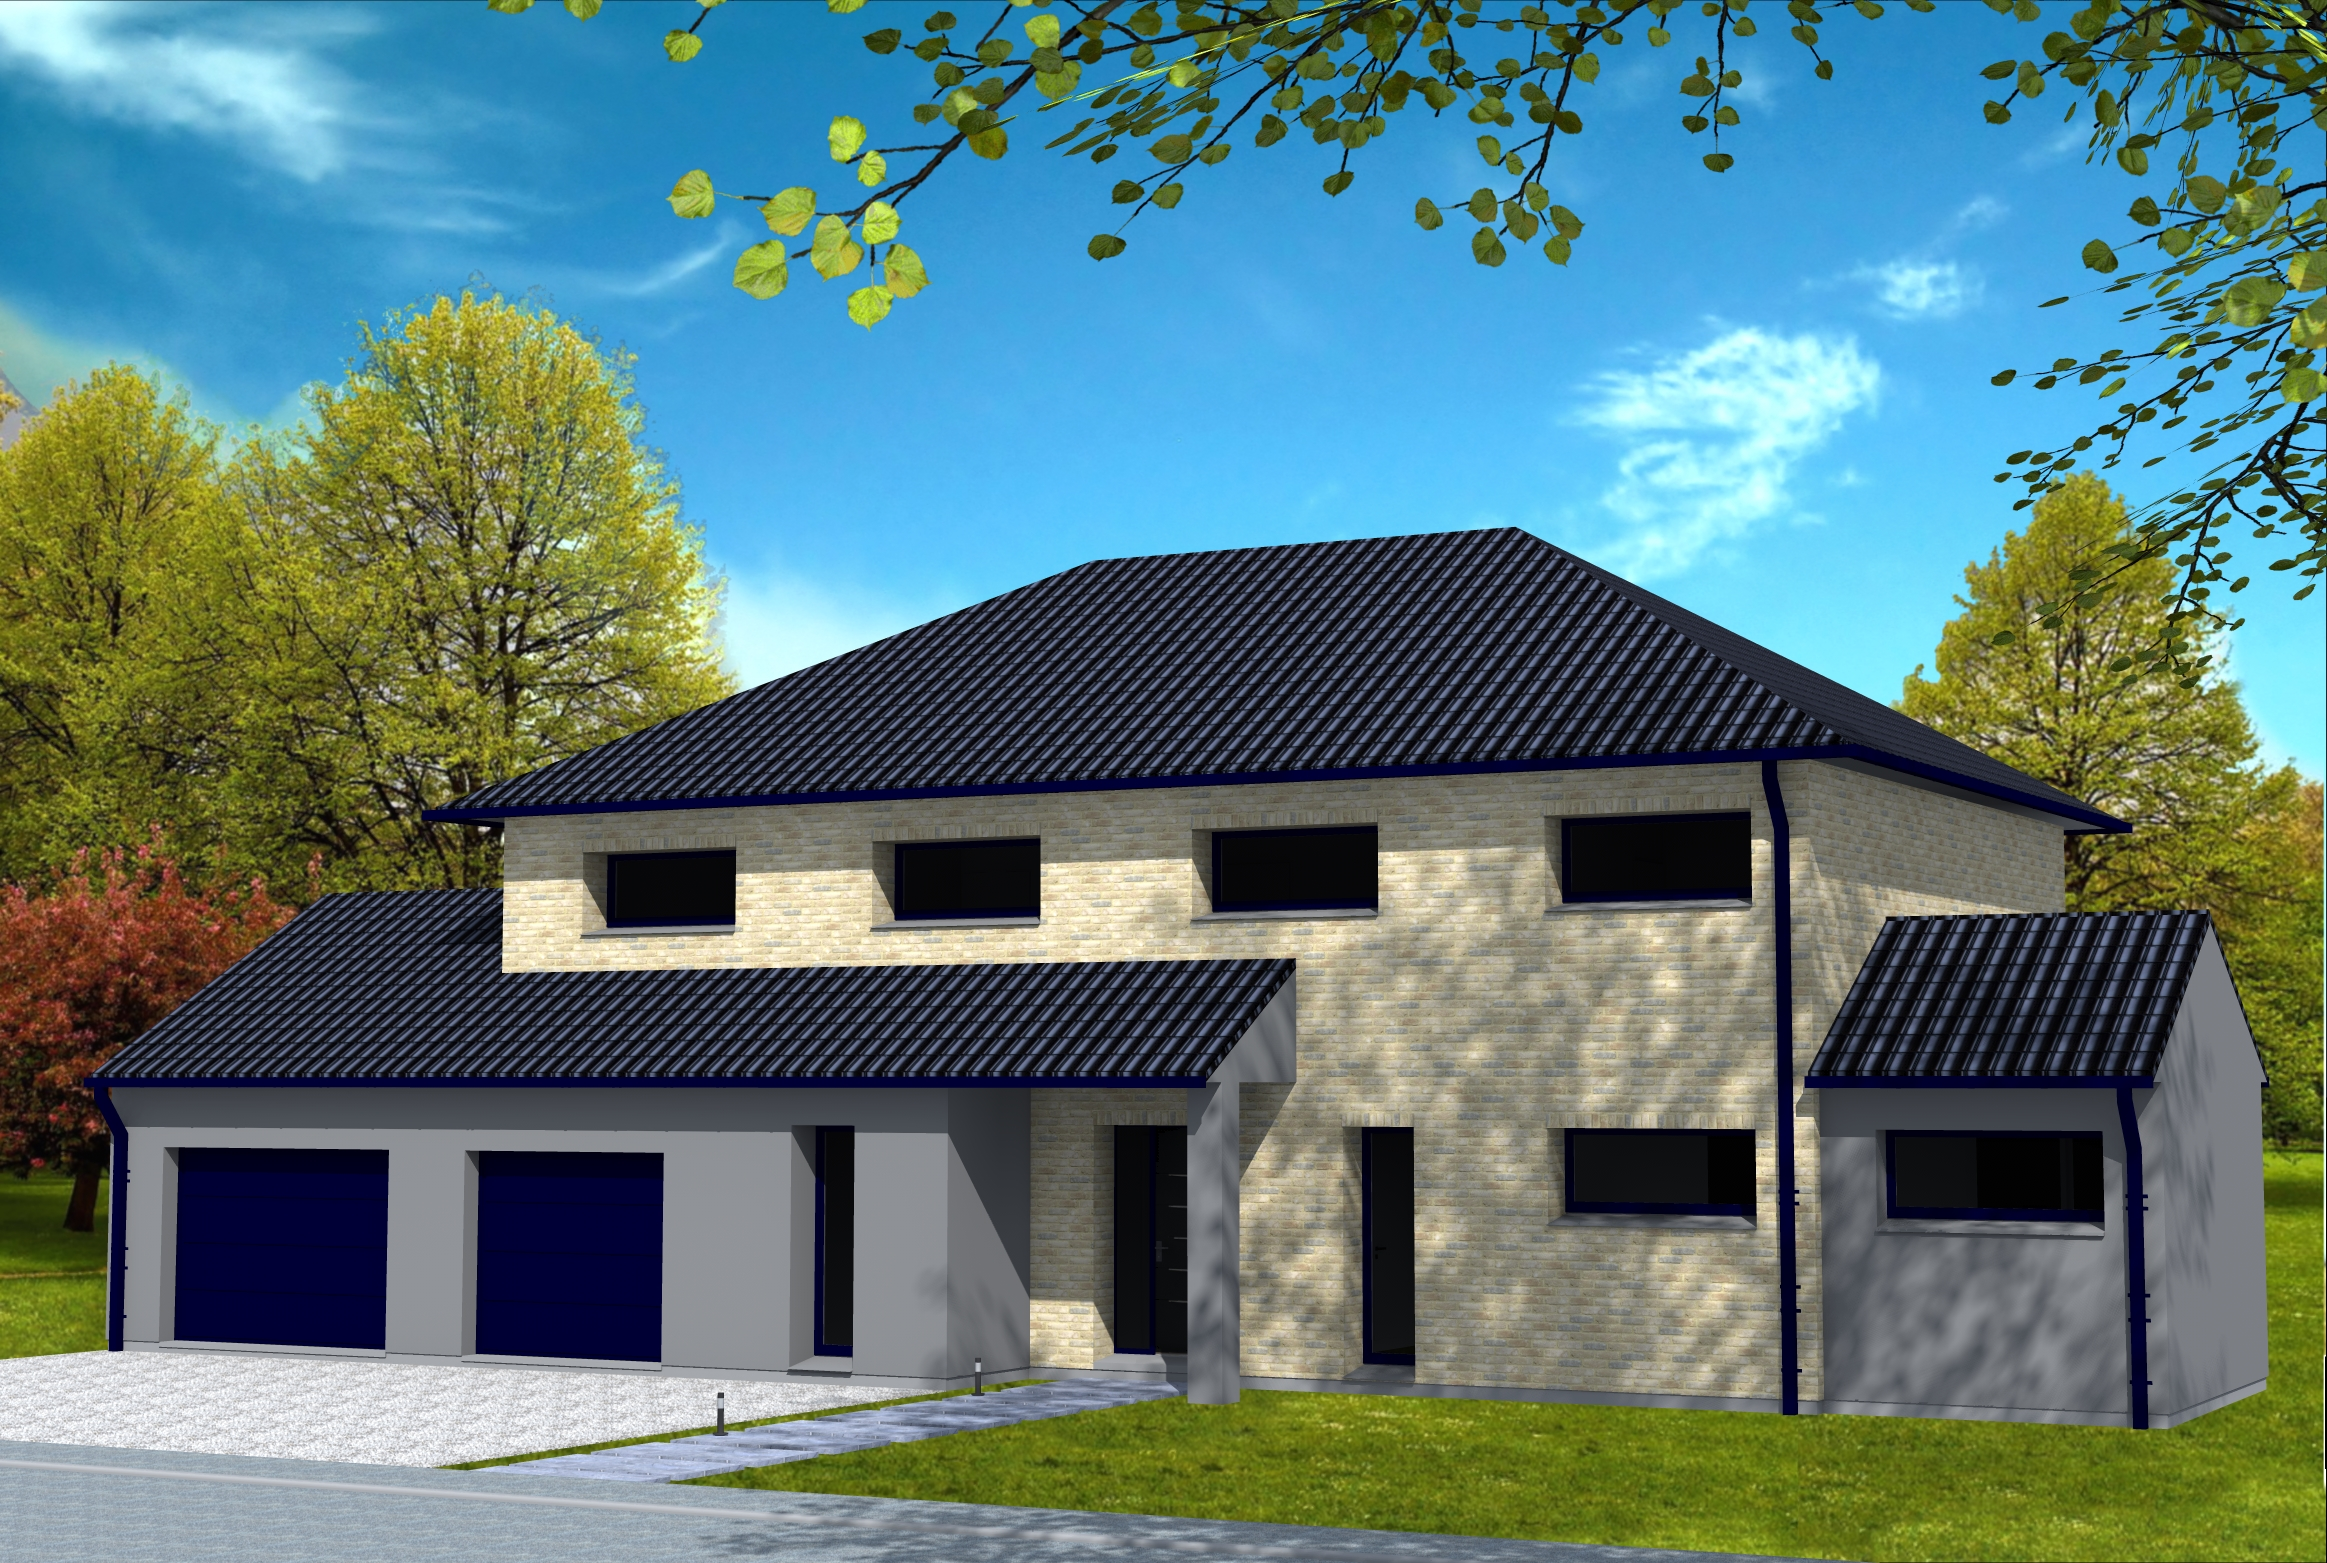 Maison Contemporaine D 39 Architecte Toiture Tuiles Noires Et ...